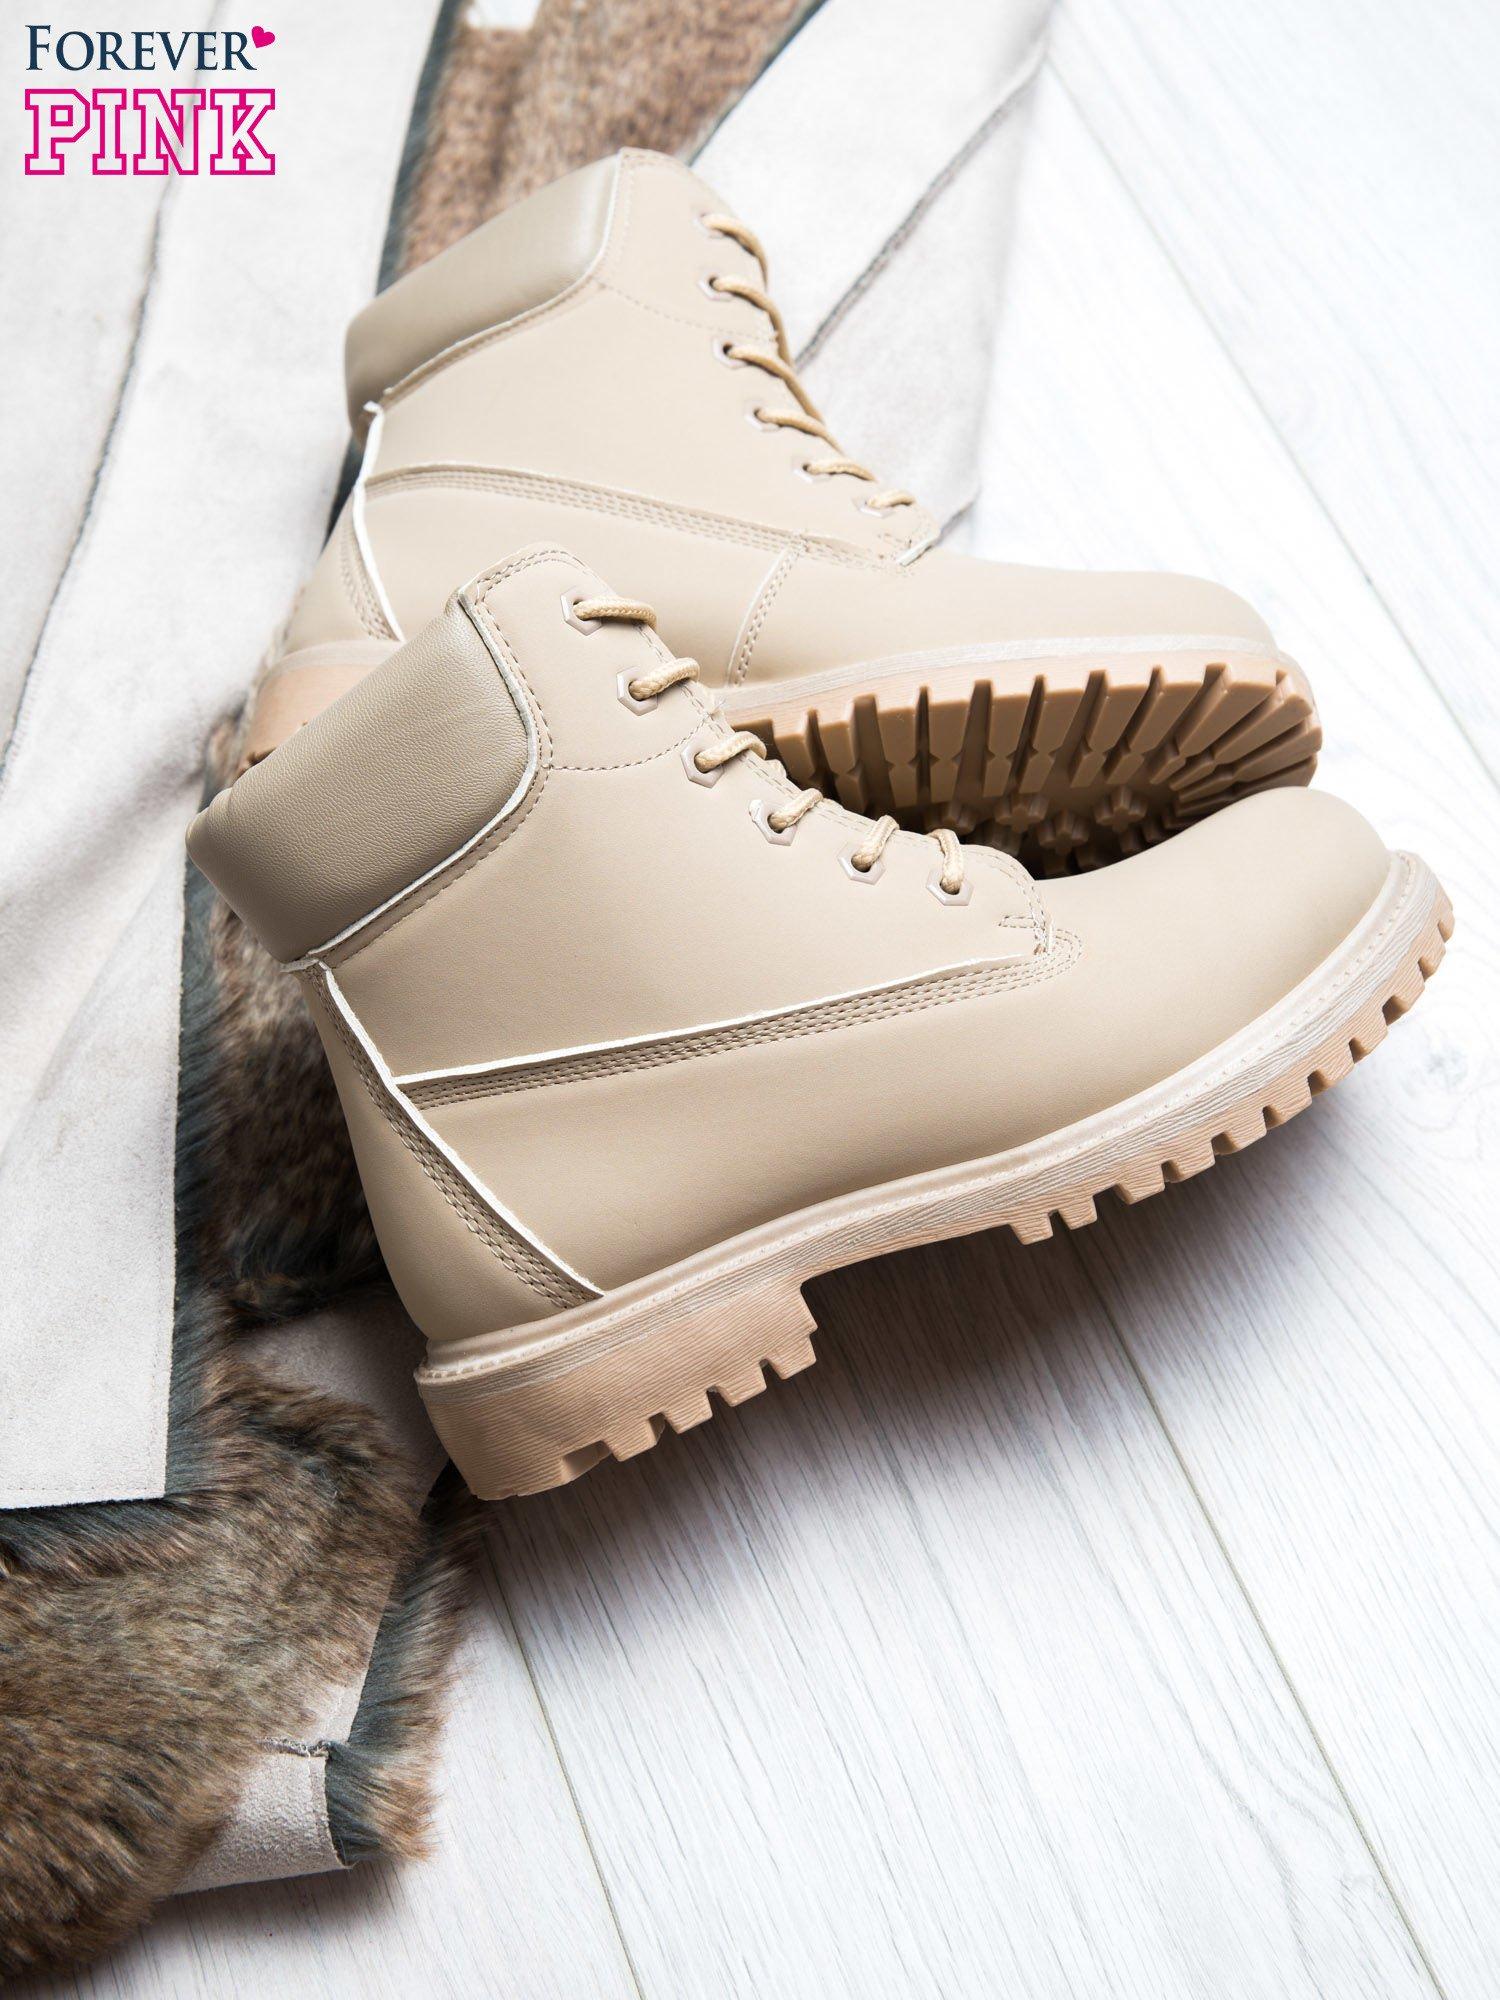 Jasnobeżowe jednolite buty trekkingowe damskie Westie traperki ocieplane                                  zdj.                                  2